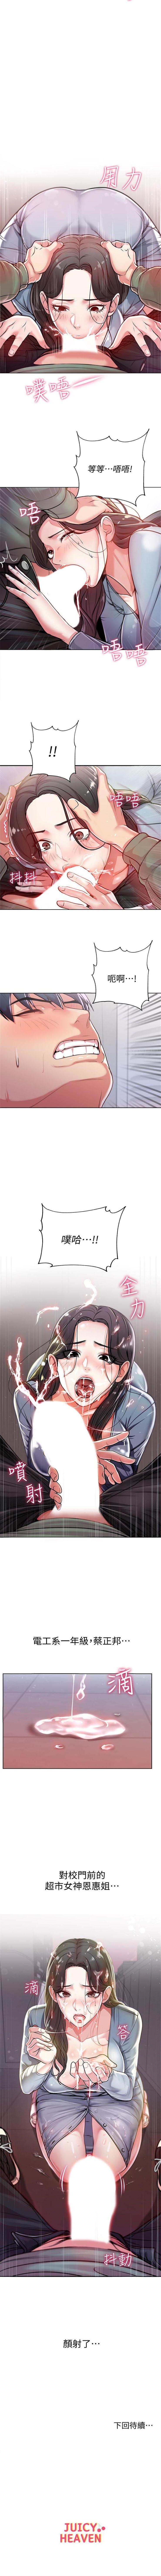 超市的漂亮姐姐 1-27 官方中文(連載中) 45